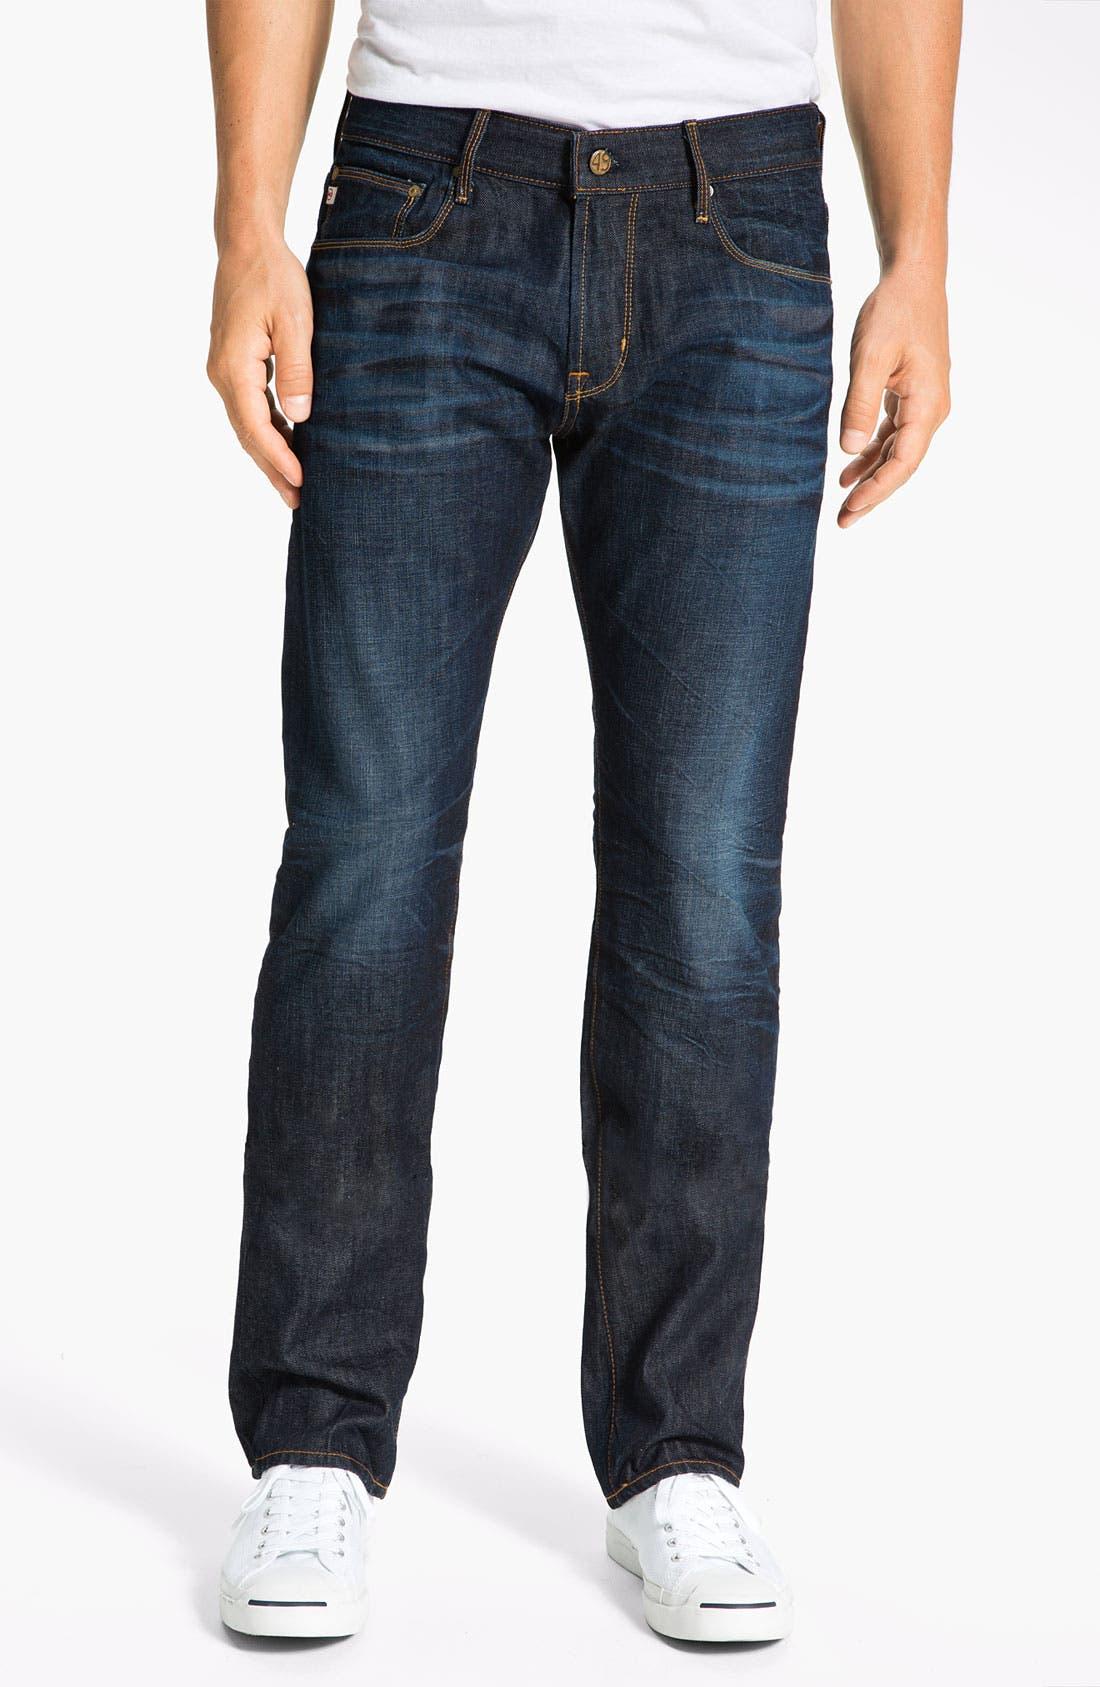 Alternate Image 1 Selected - AG Jeans 'Geffen Easy Slim' Straight Leg Jeans (3 Year Resin)